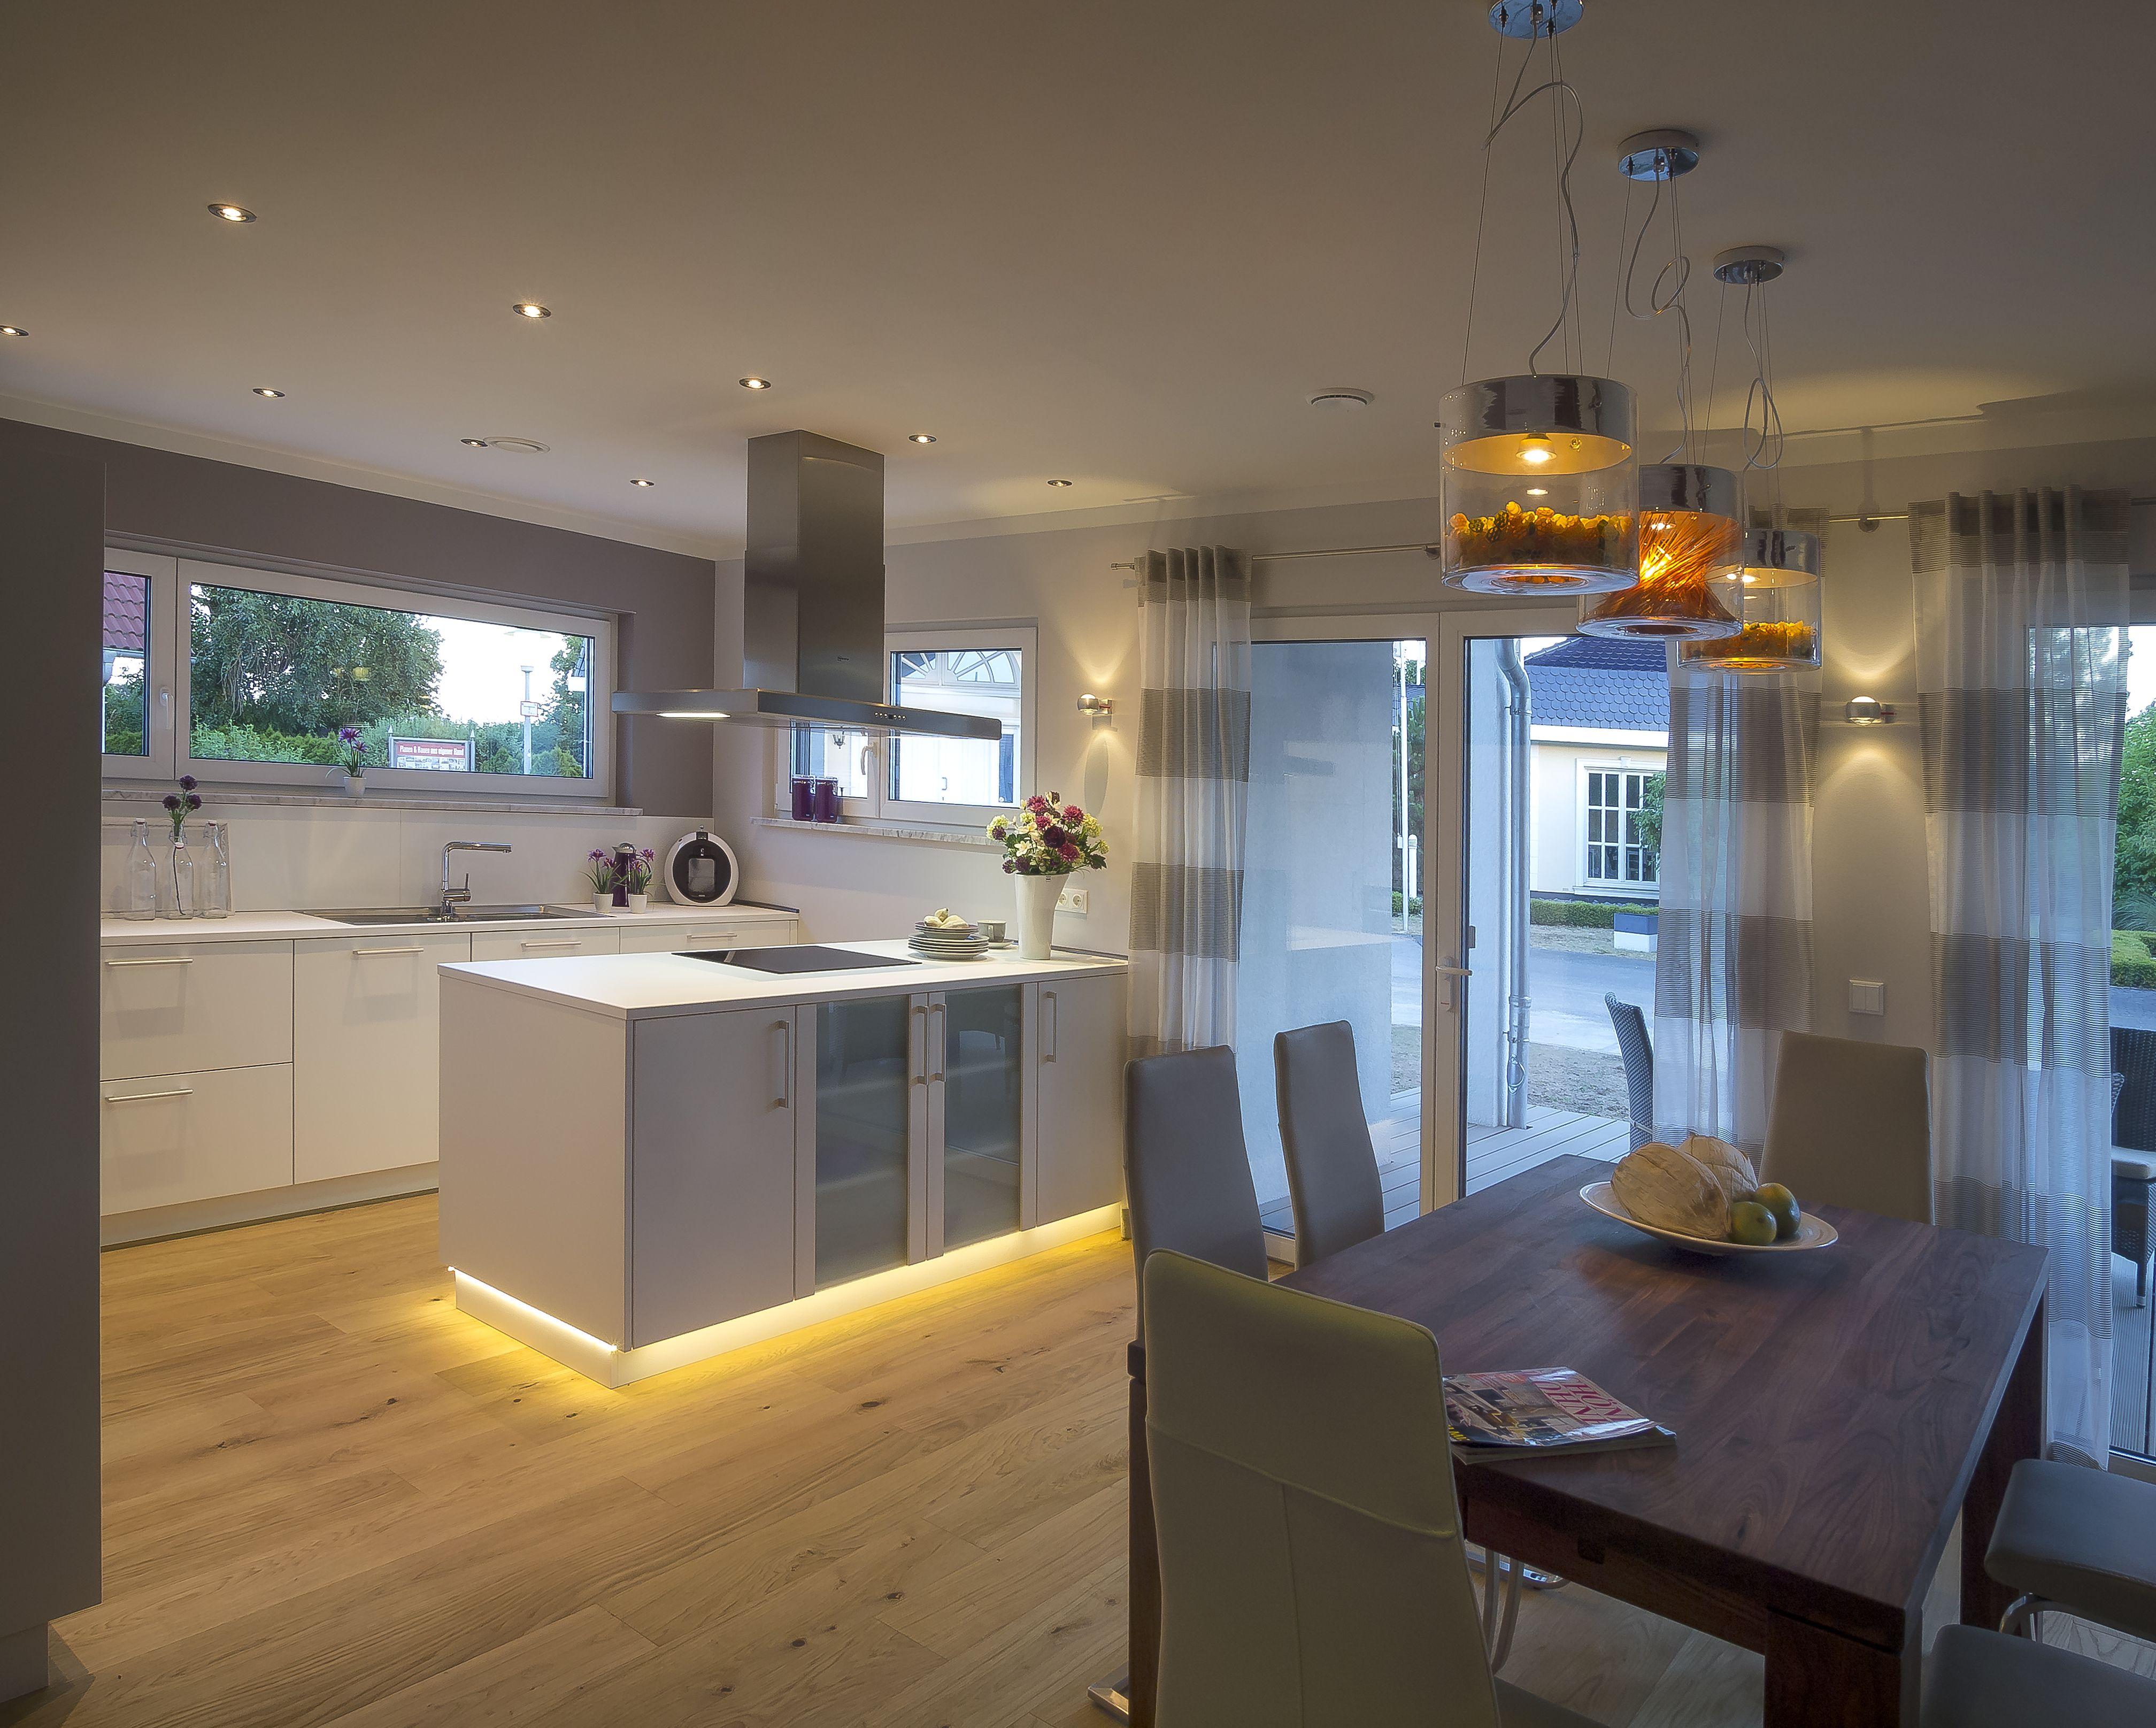 wohnzimmer esszimmer und küche in einem raum | Offene küche ...